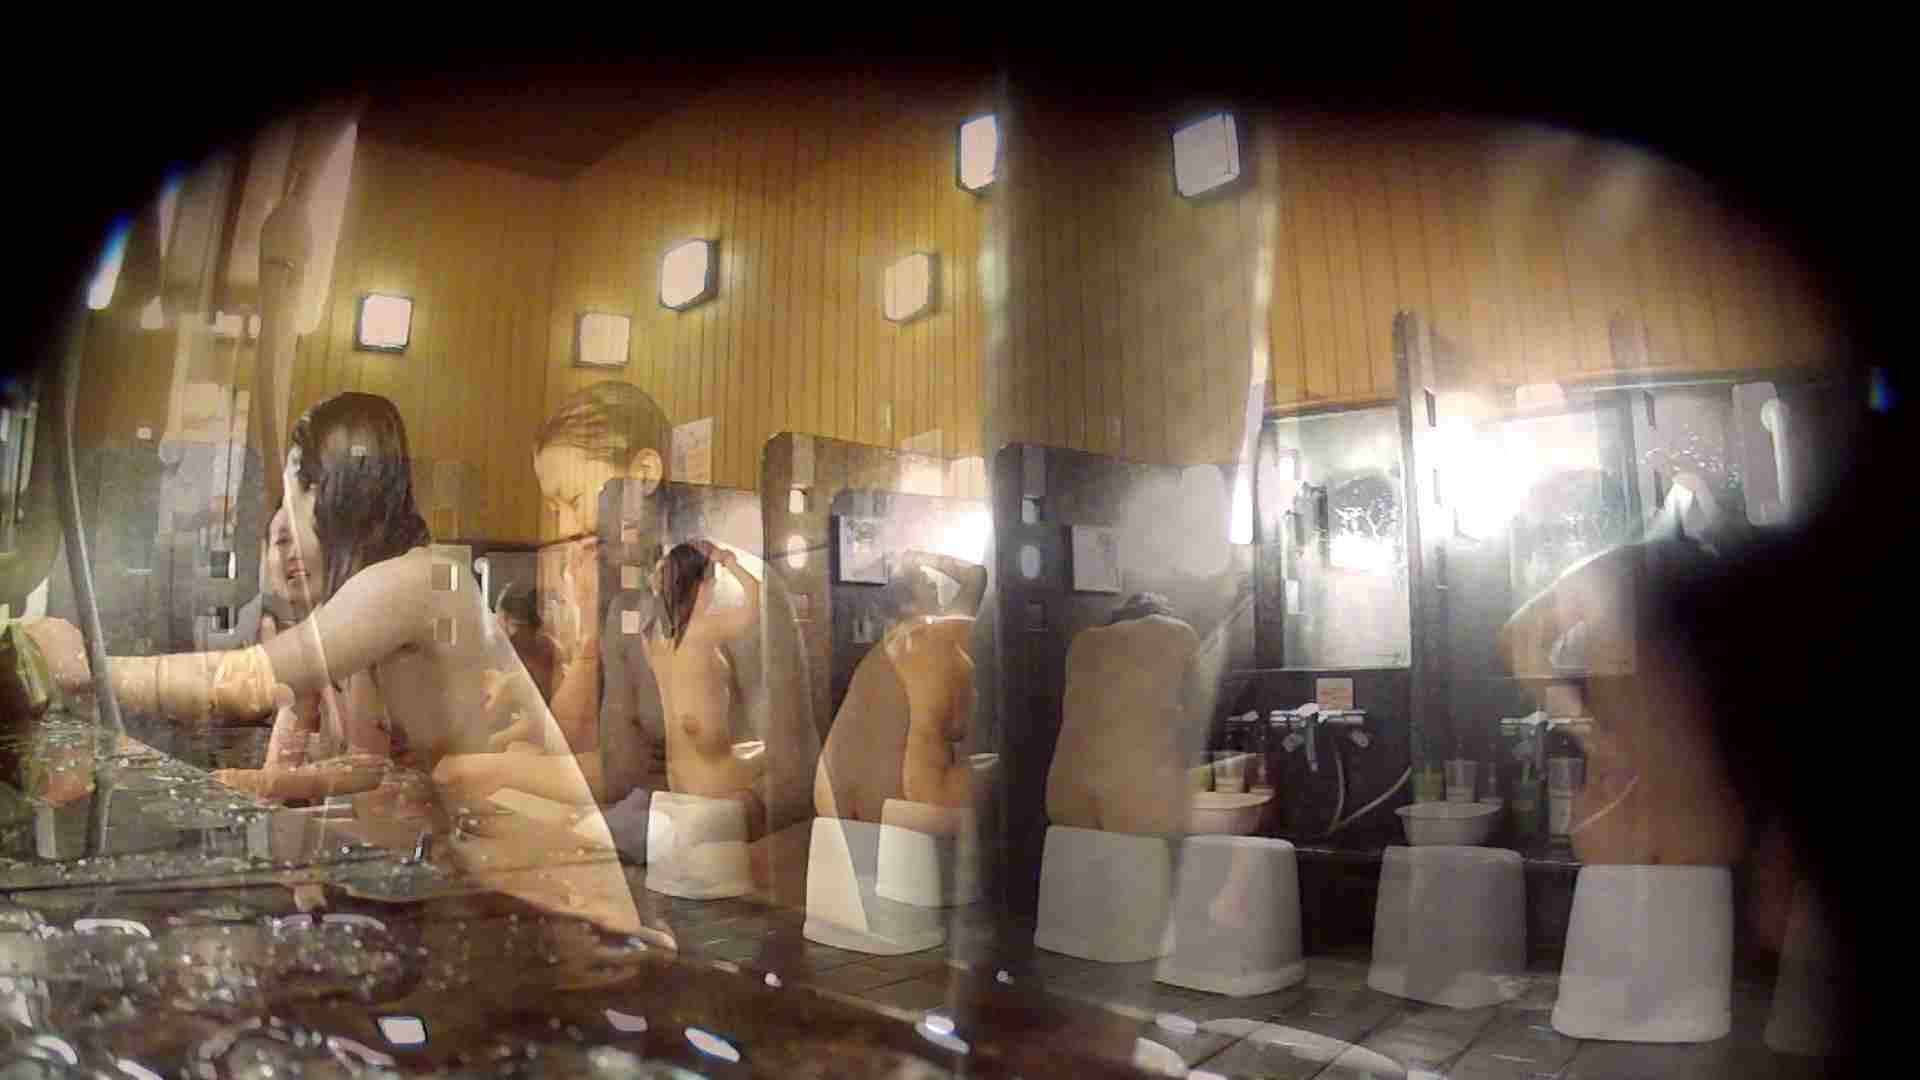 ハイビジョン 洗い場!ちょっとケバいですが、美乳です!ホースが・・・ 美肌 | 細身  86画像 10